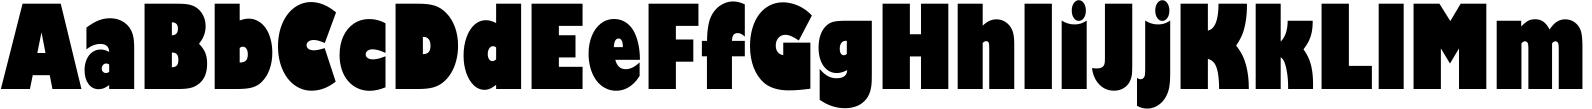 Gill Kayo Condensed